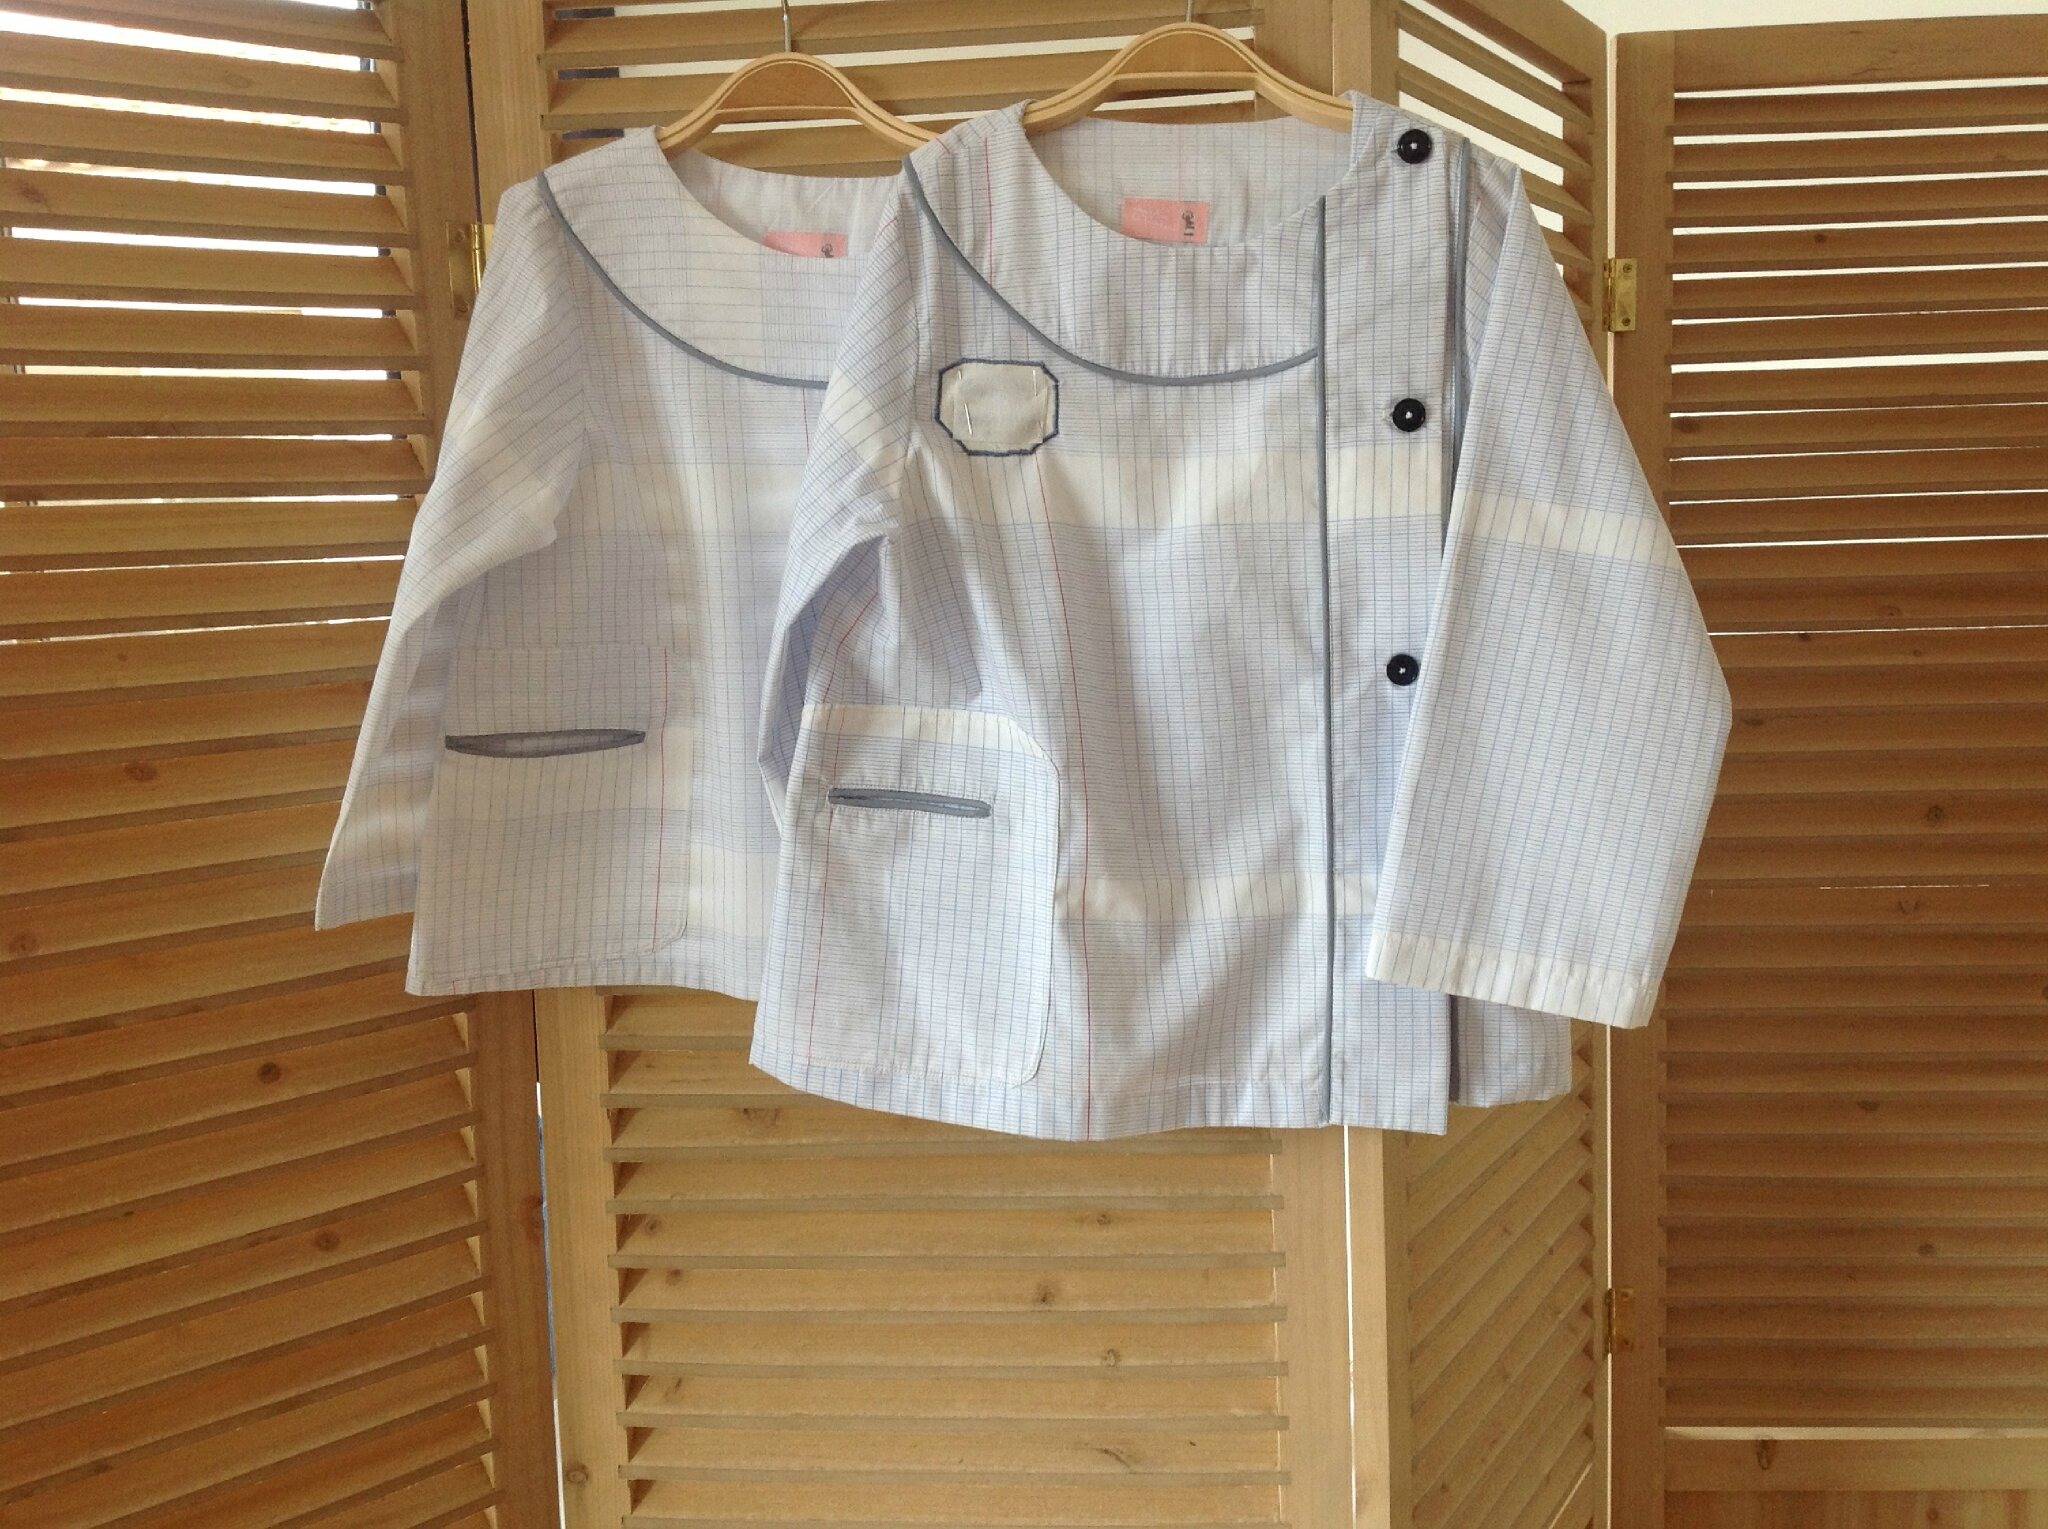 Blouse d'écolier, tissu en carreaux de cahier, 35€, 5 € de plus pour le broder au prénom de l'enfant.